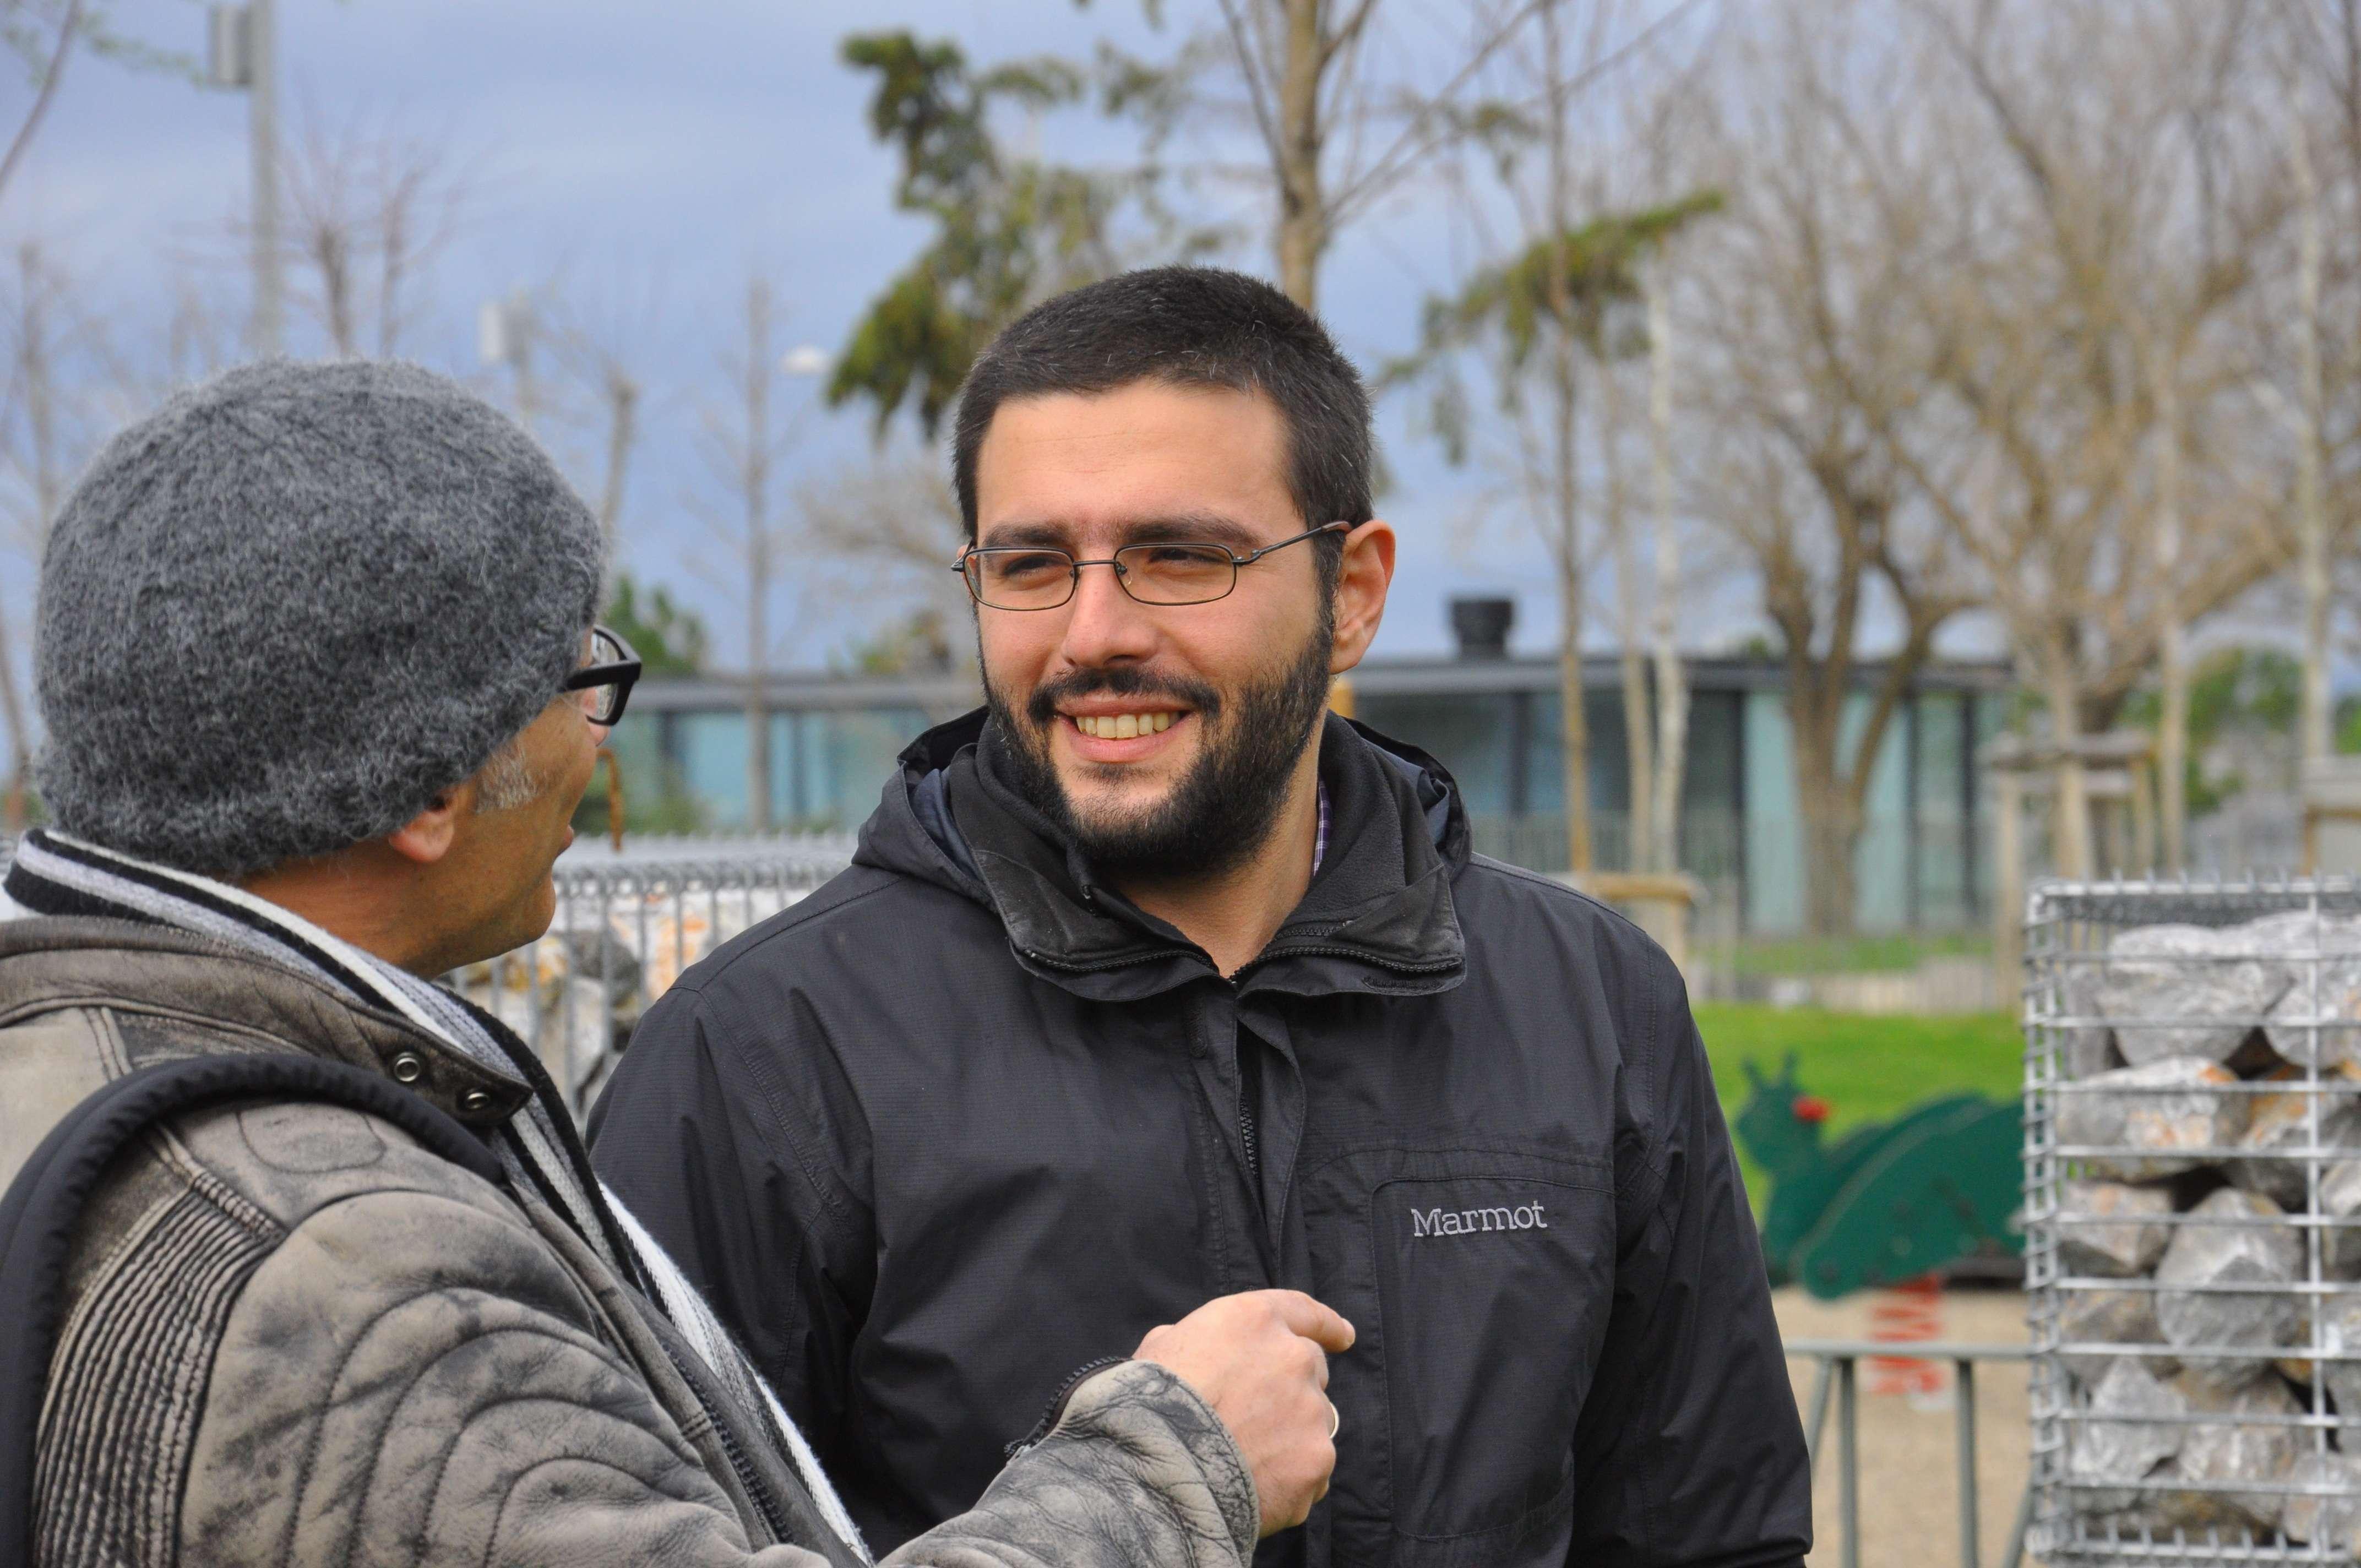 Ο Γιώργος Ρακκάς γεννήθηκε το 1981 στην Θεσσαλονίκη. Σπούδασε Πολιτικές Επιστήμες στο Α.Π.Θ. (2000-2004) και έκανε μεταπτυχιακό στην Κοινωνική και Πολιτική Θεωρία (Πάντειο Πανεπιστήμιο, 2004-2008). Αυτή τη στιγμή προσπαθεί να τελειώσει το διδακτορικό του πάνω στο φαινόμενο της μετανάστευσης. Εργάζεται ως ιδιωτικός υπάλληλος.